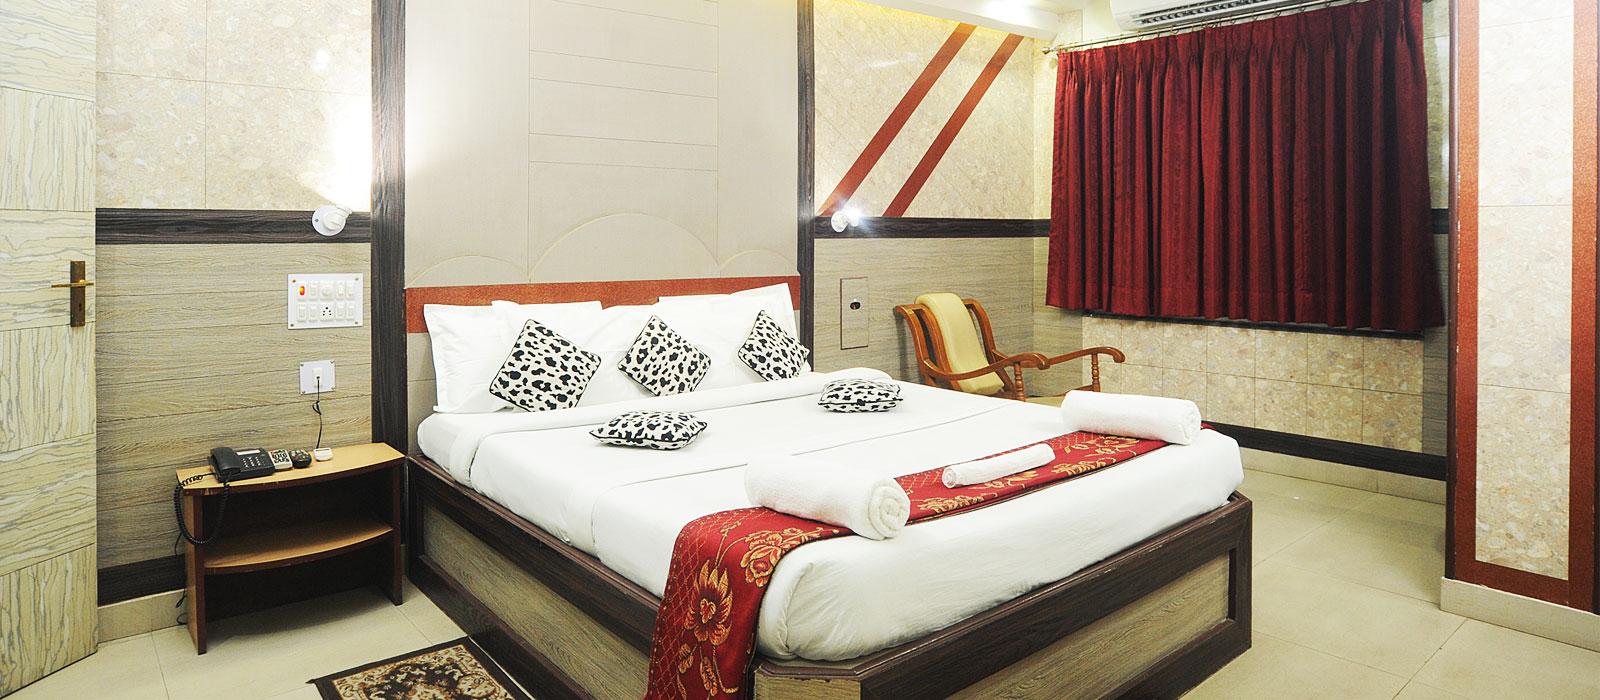 bengalí motel